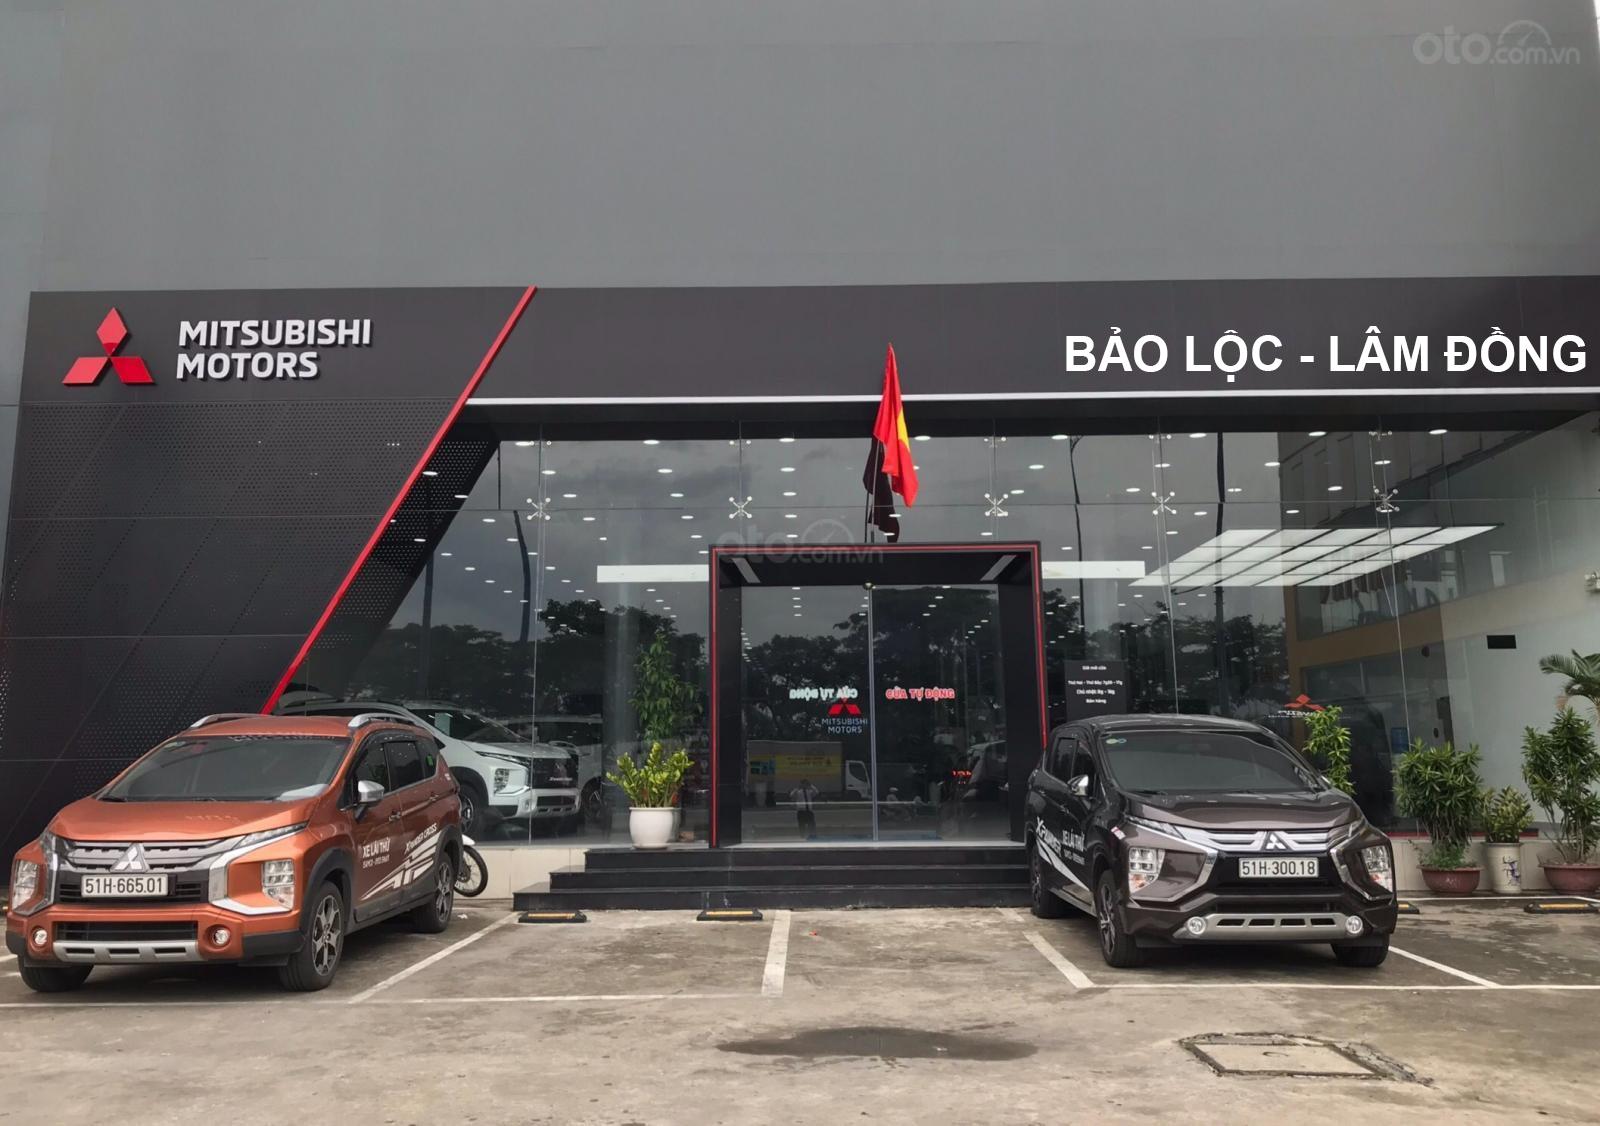 Mitsubishi Bảo Lộc Lâm Đồng 1